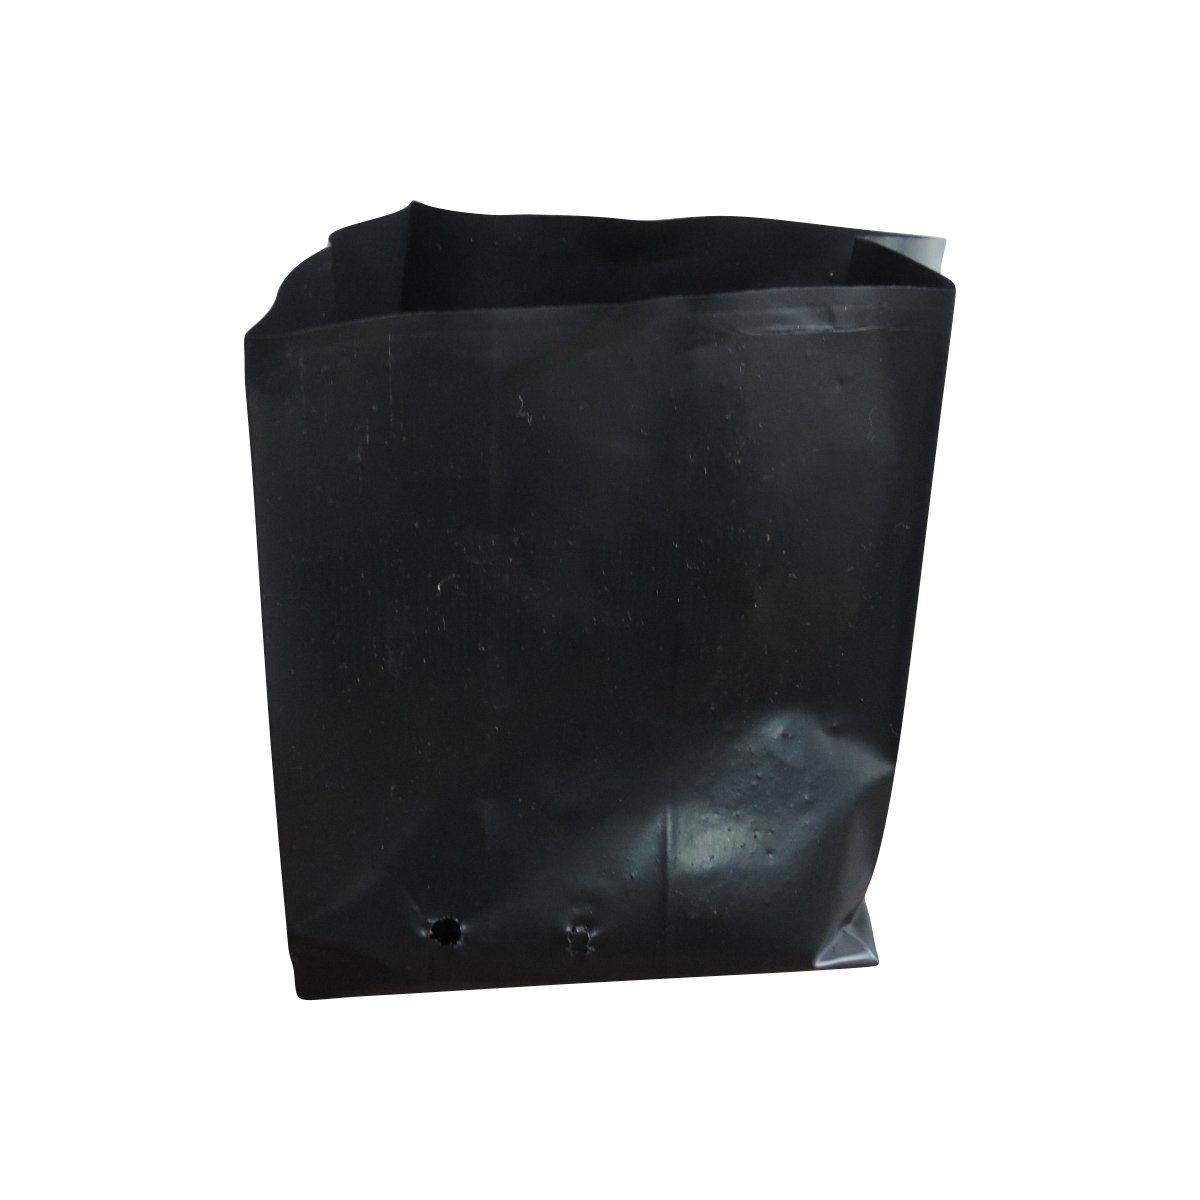 Saco para mudas aproximadamente 20cm x 20cm plástico preto para espécies ornamentais 100 unidades